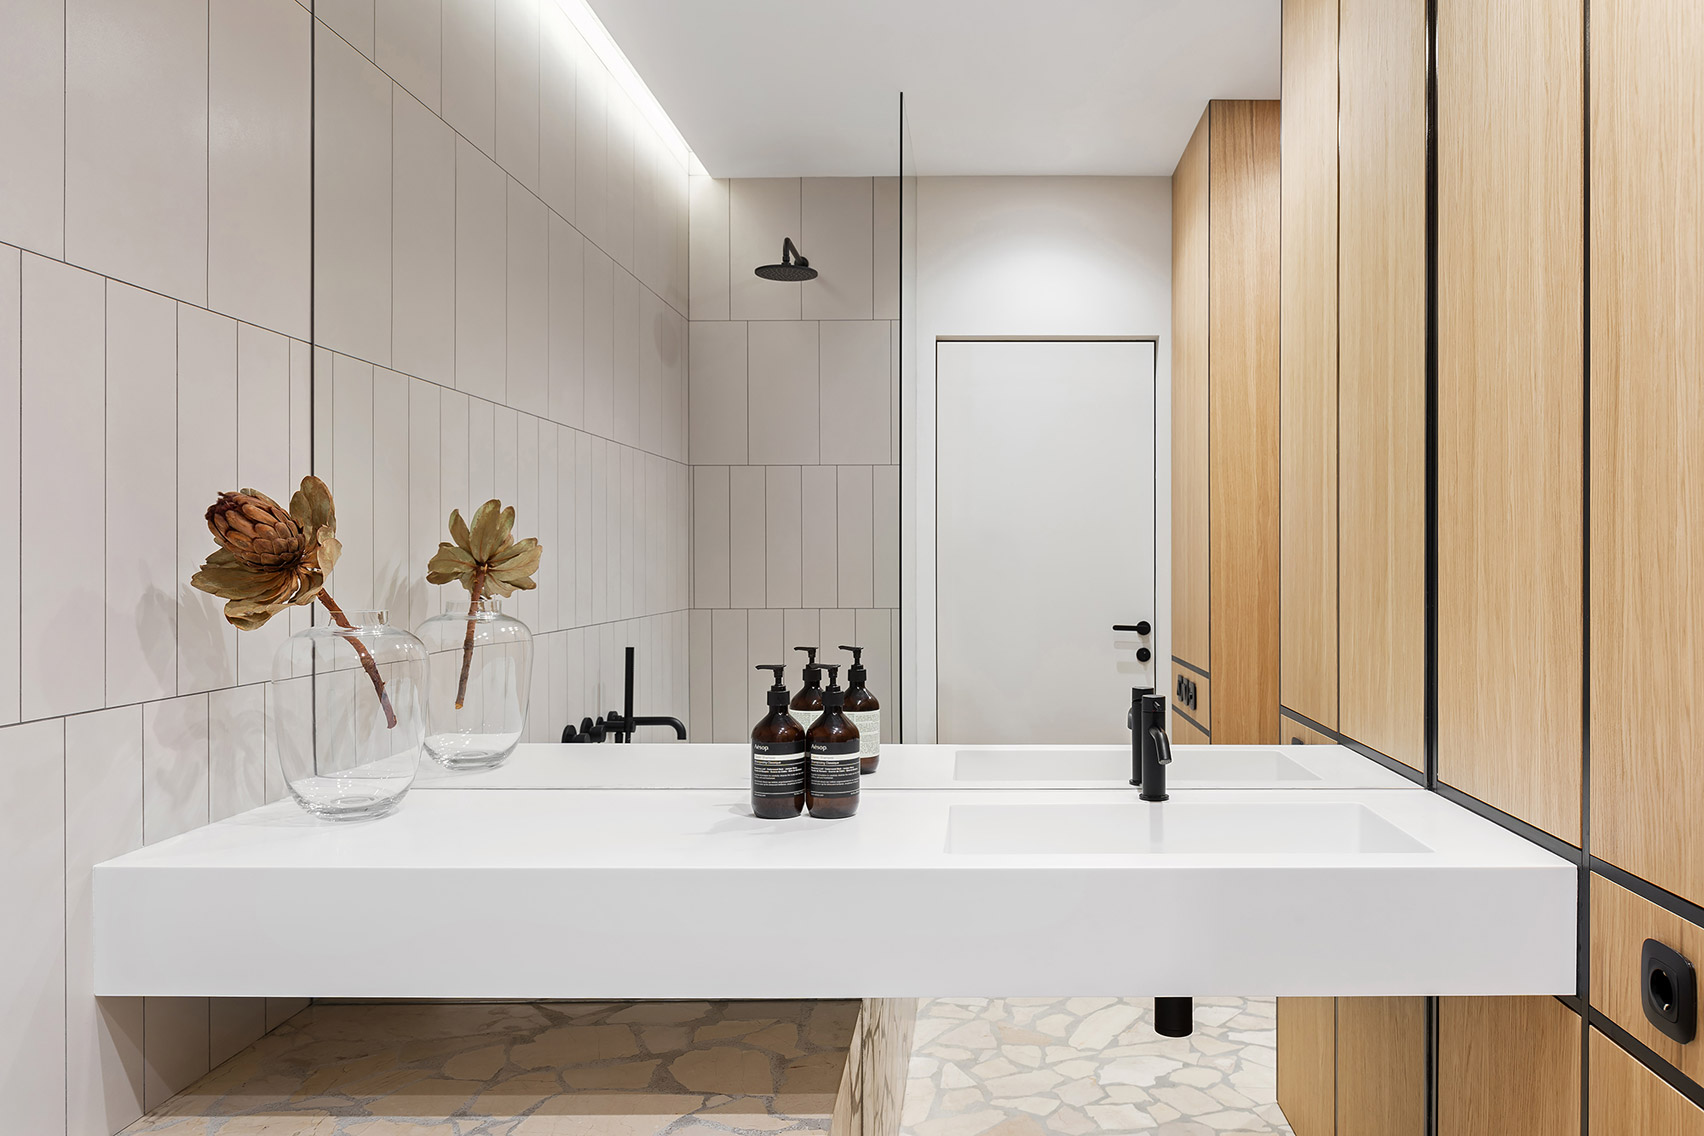 Thiết kế nội thất căn hộ chung cư 11